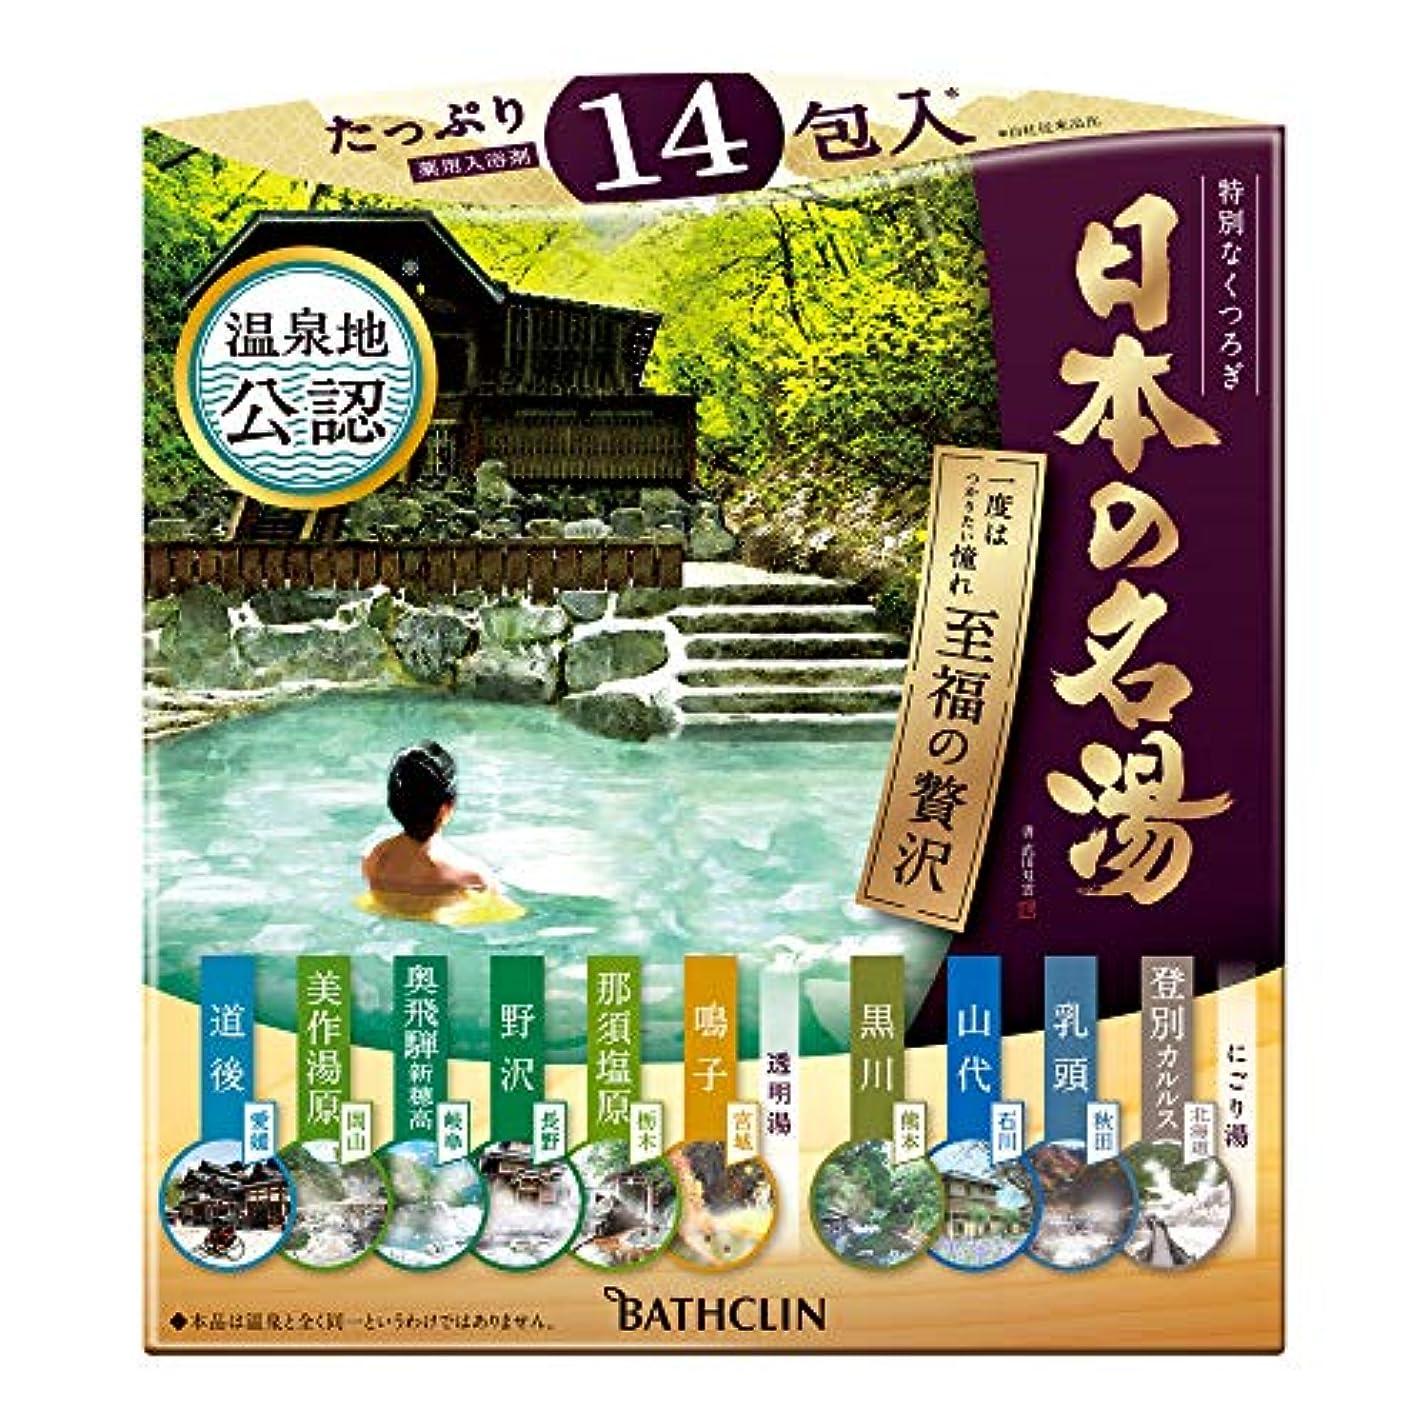 誘導立ち寄るスープ日本の名湯 至福の贅沢 入浴剤 色と香りで情緒を表現した温泉タイプ入浴剤 セット 30g×14包